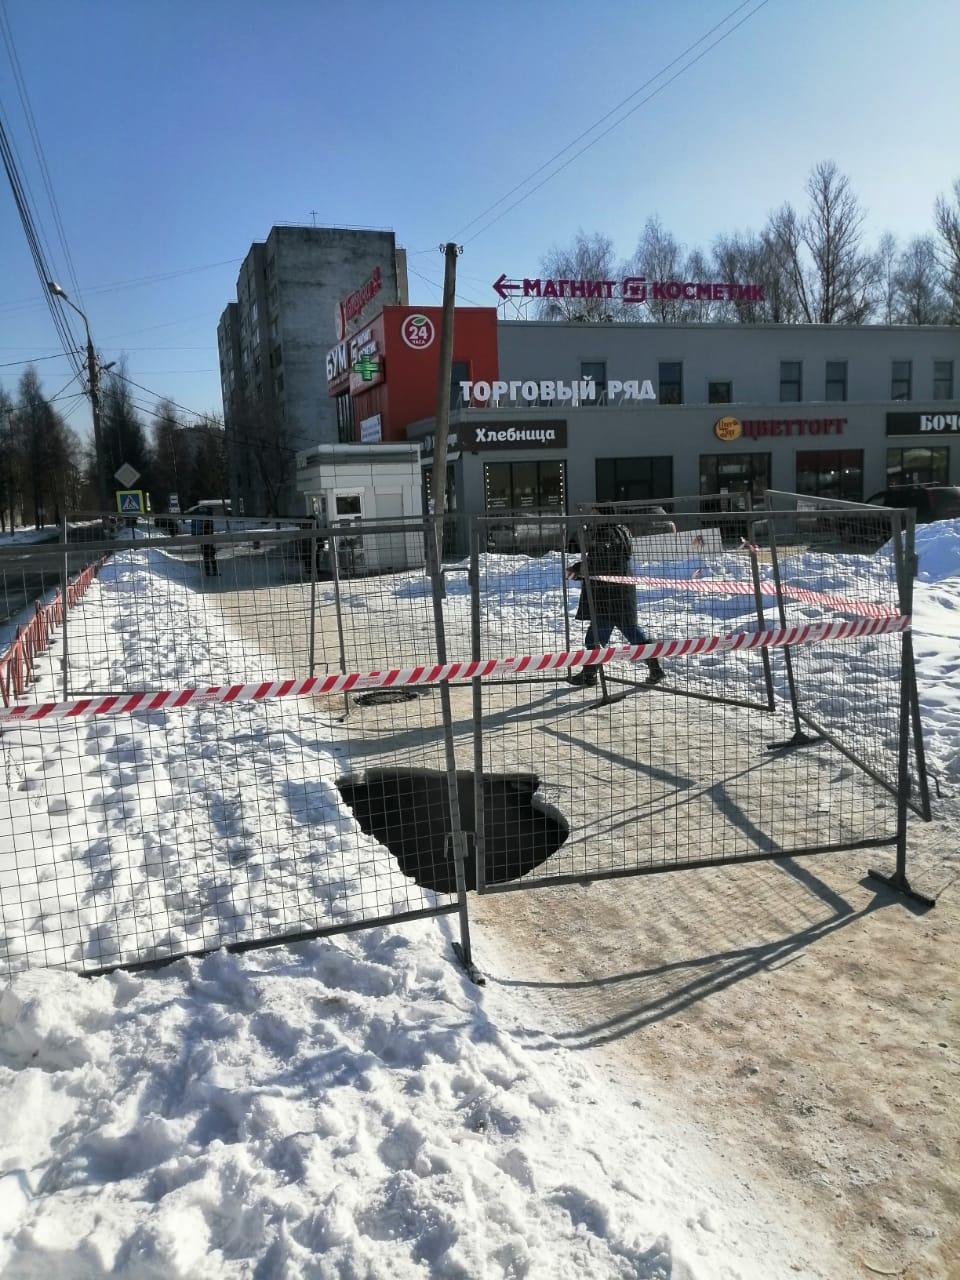 На тротуаре в Ярославле провалился асфальт: после сообщений в соцсетях территорию огородили